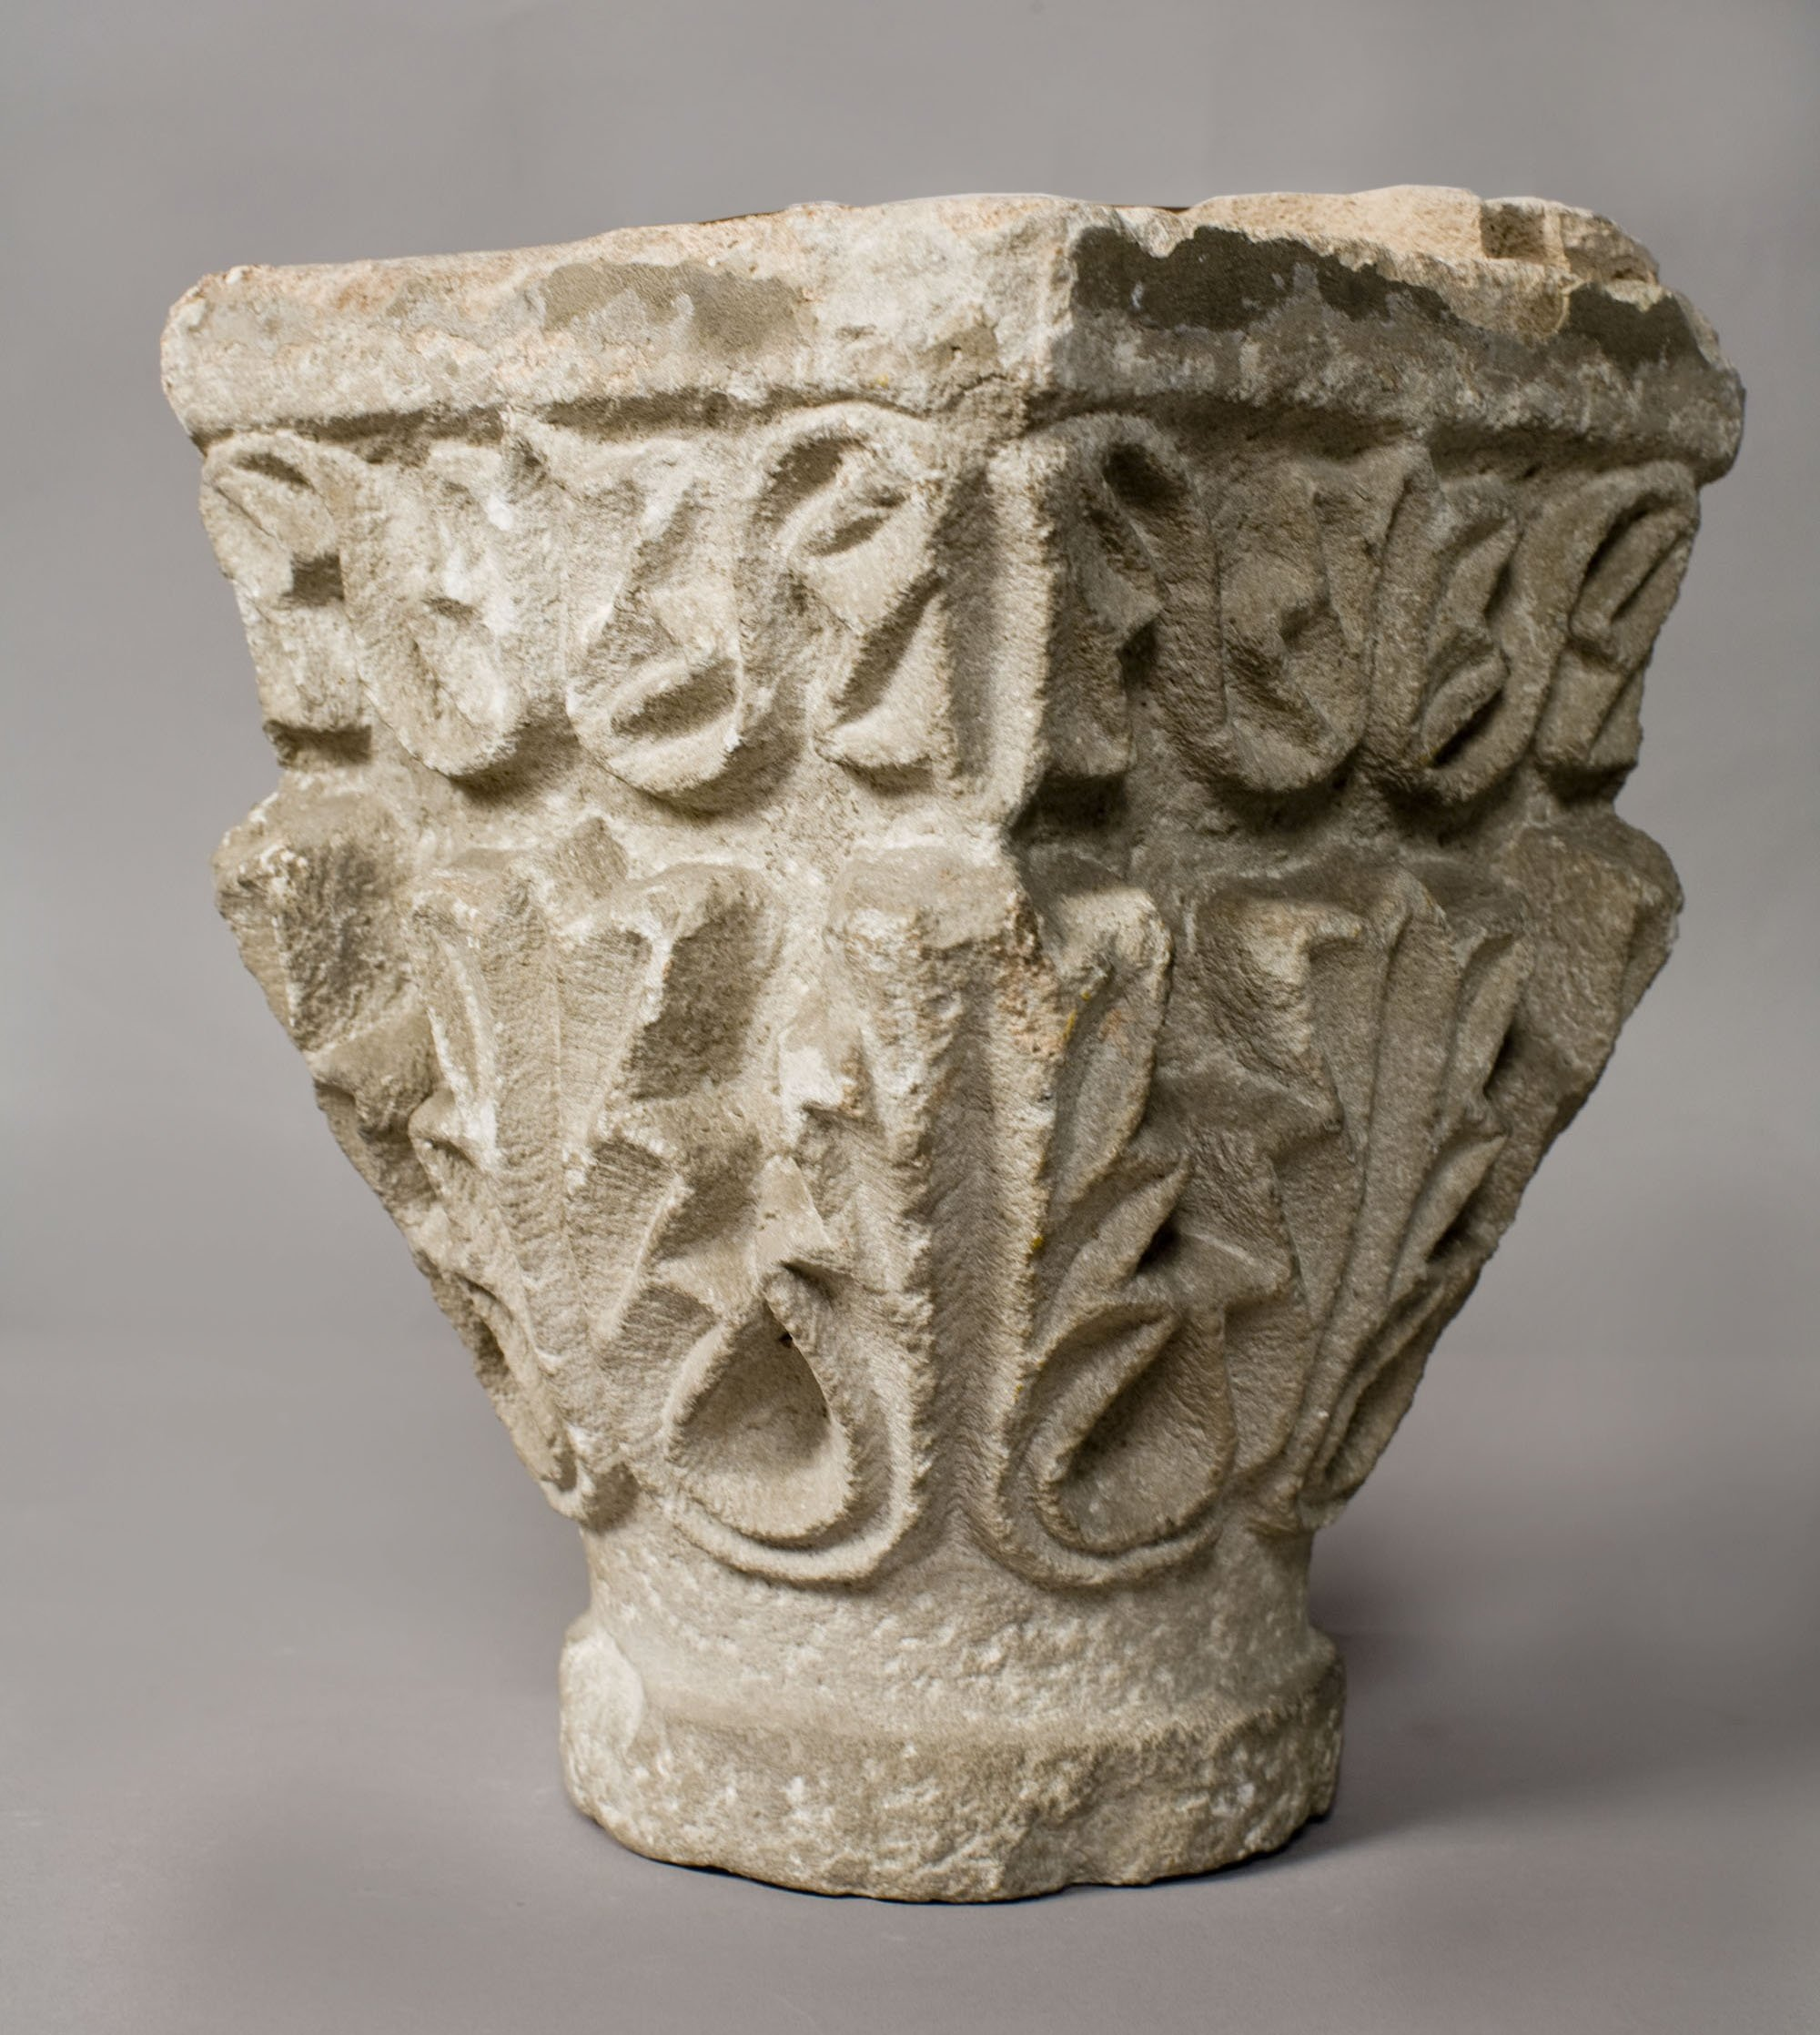 Anònim - Capitell - Últim quart del segle XIII [1]